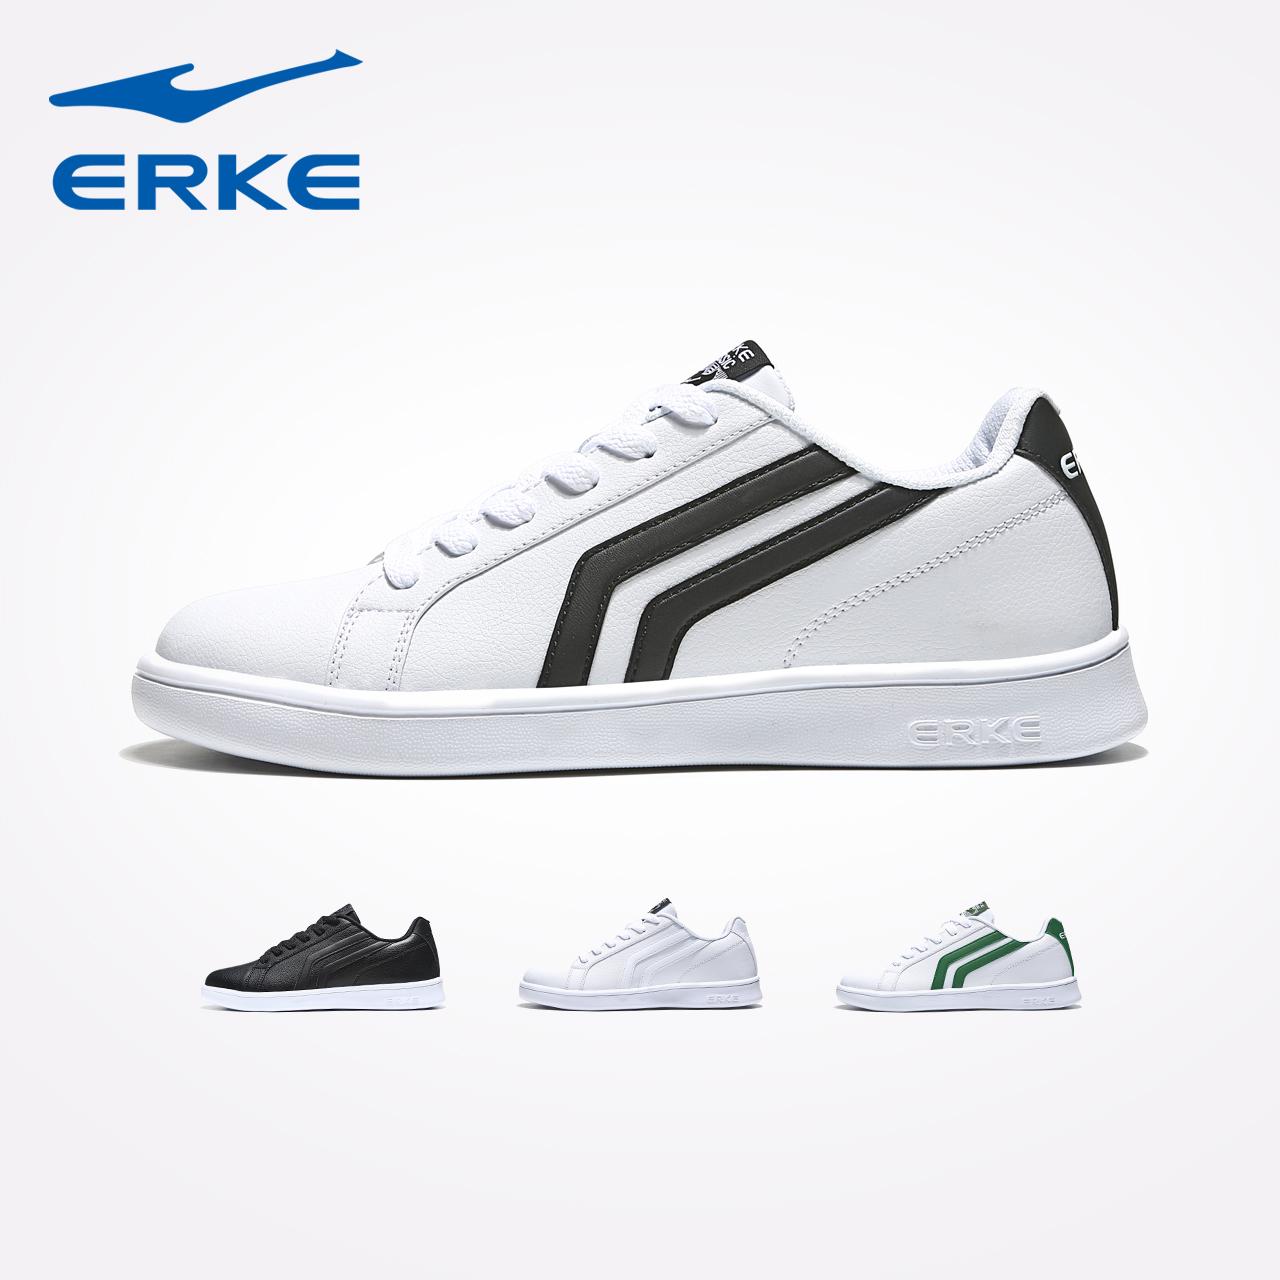 鸿星尔克正品男鞋2018秋季新款休闲鞋时尚滑板鞋潮流小白鞋运动鞋